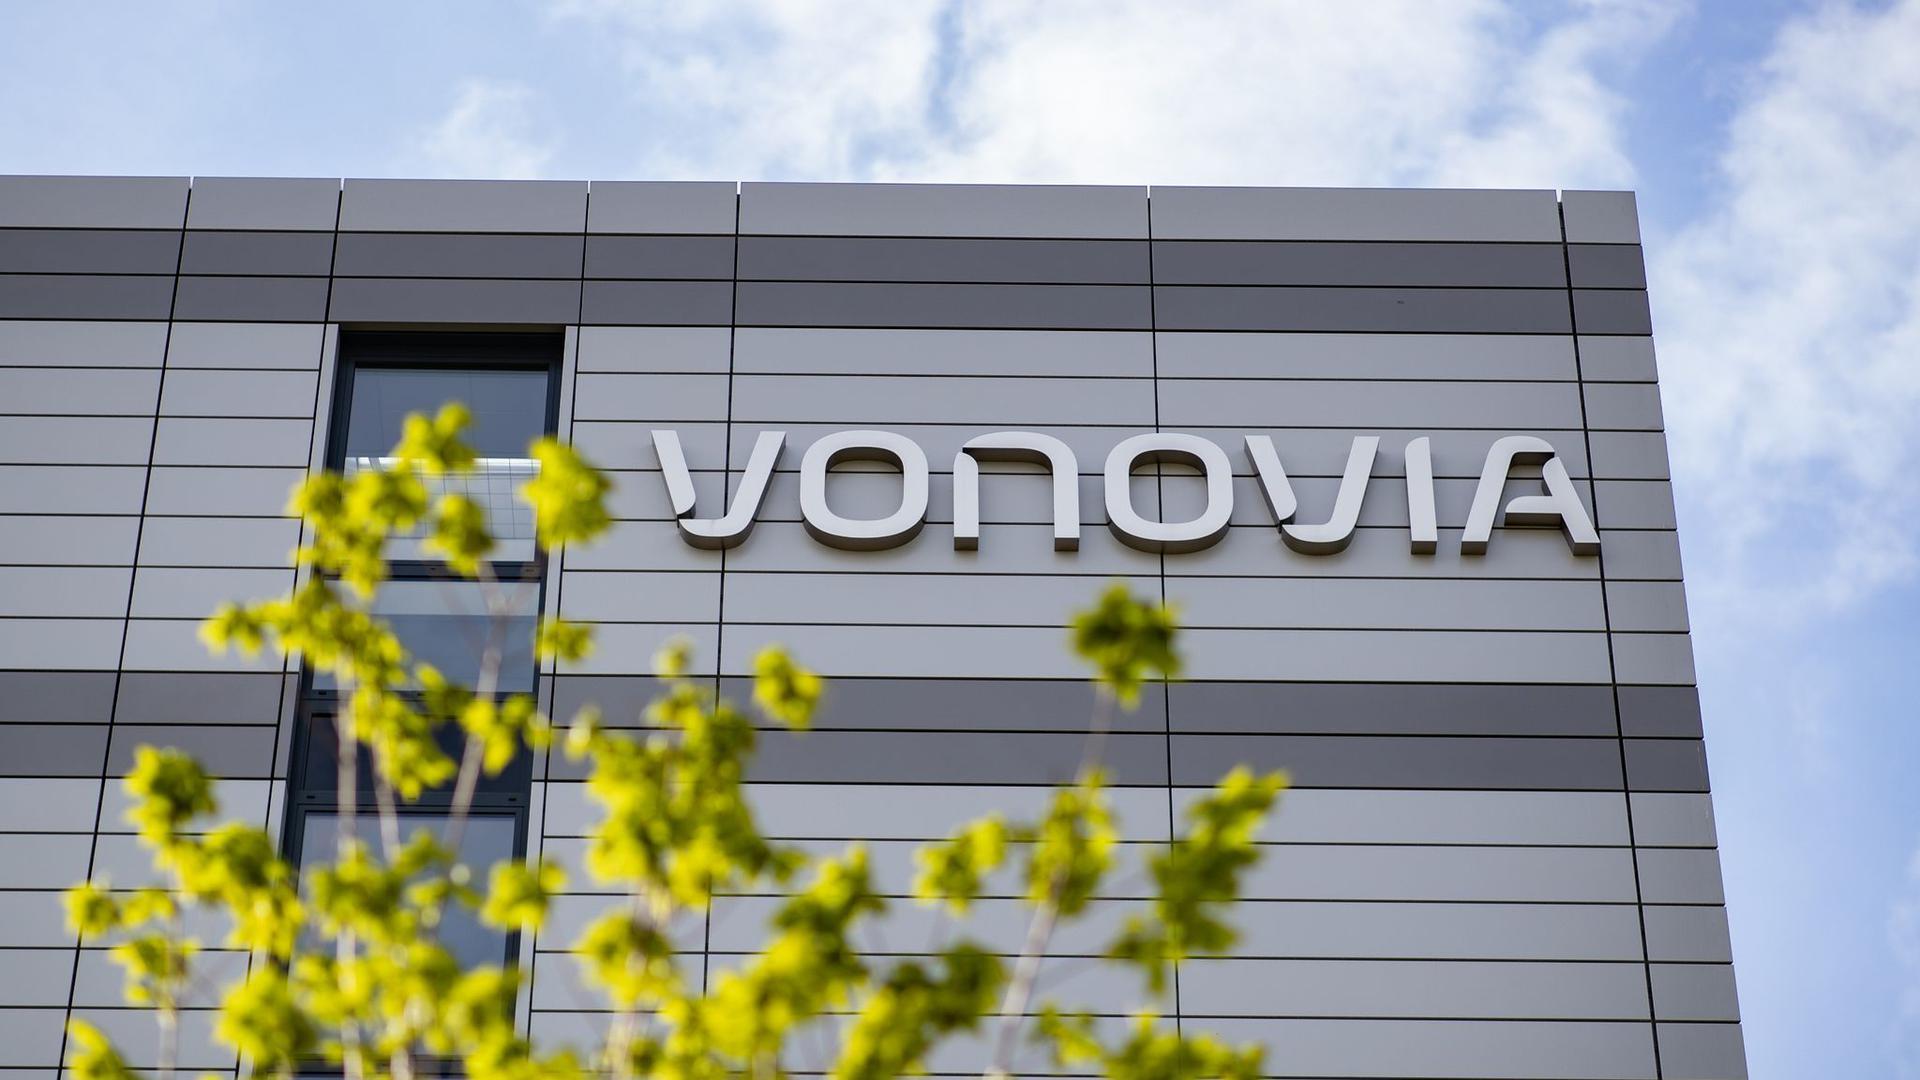 Deal geplatzt: Der Wohnungskonzern Vonovia wollte die Deutsche Wohnen kaufen.